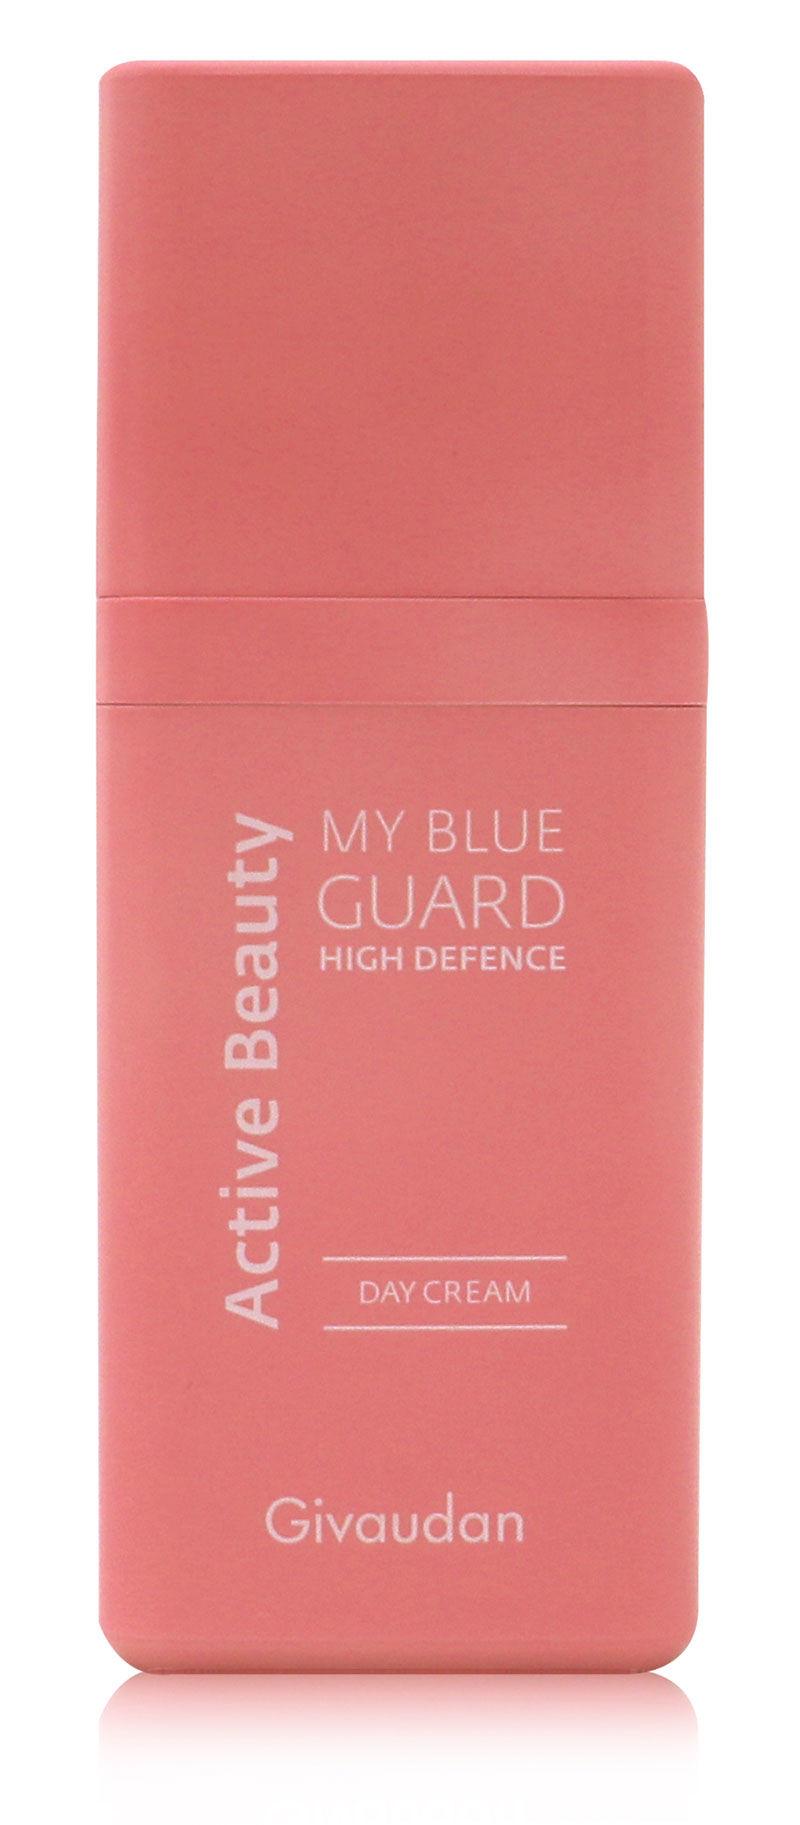 Gen Z Skin-Perfecting Creams